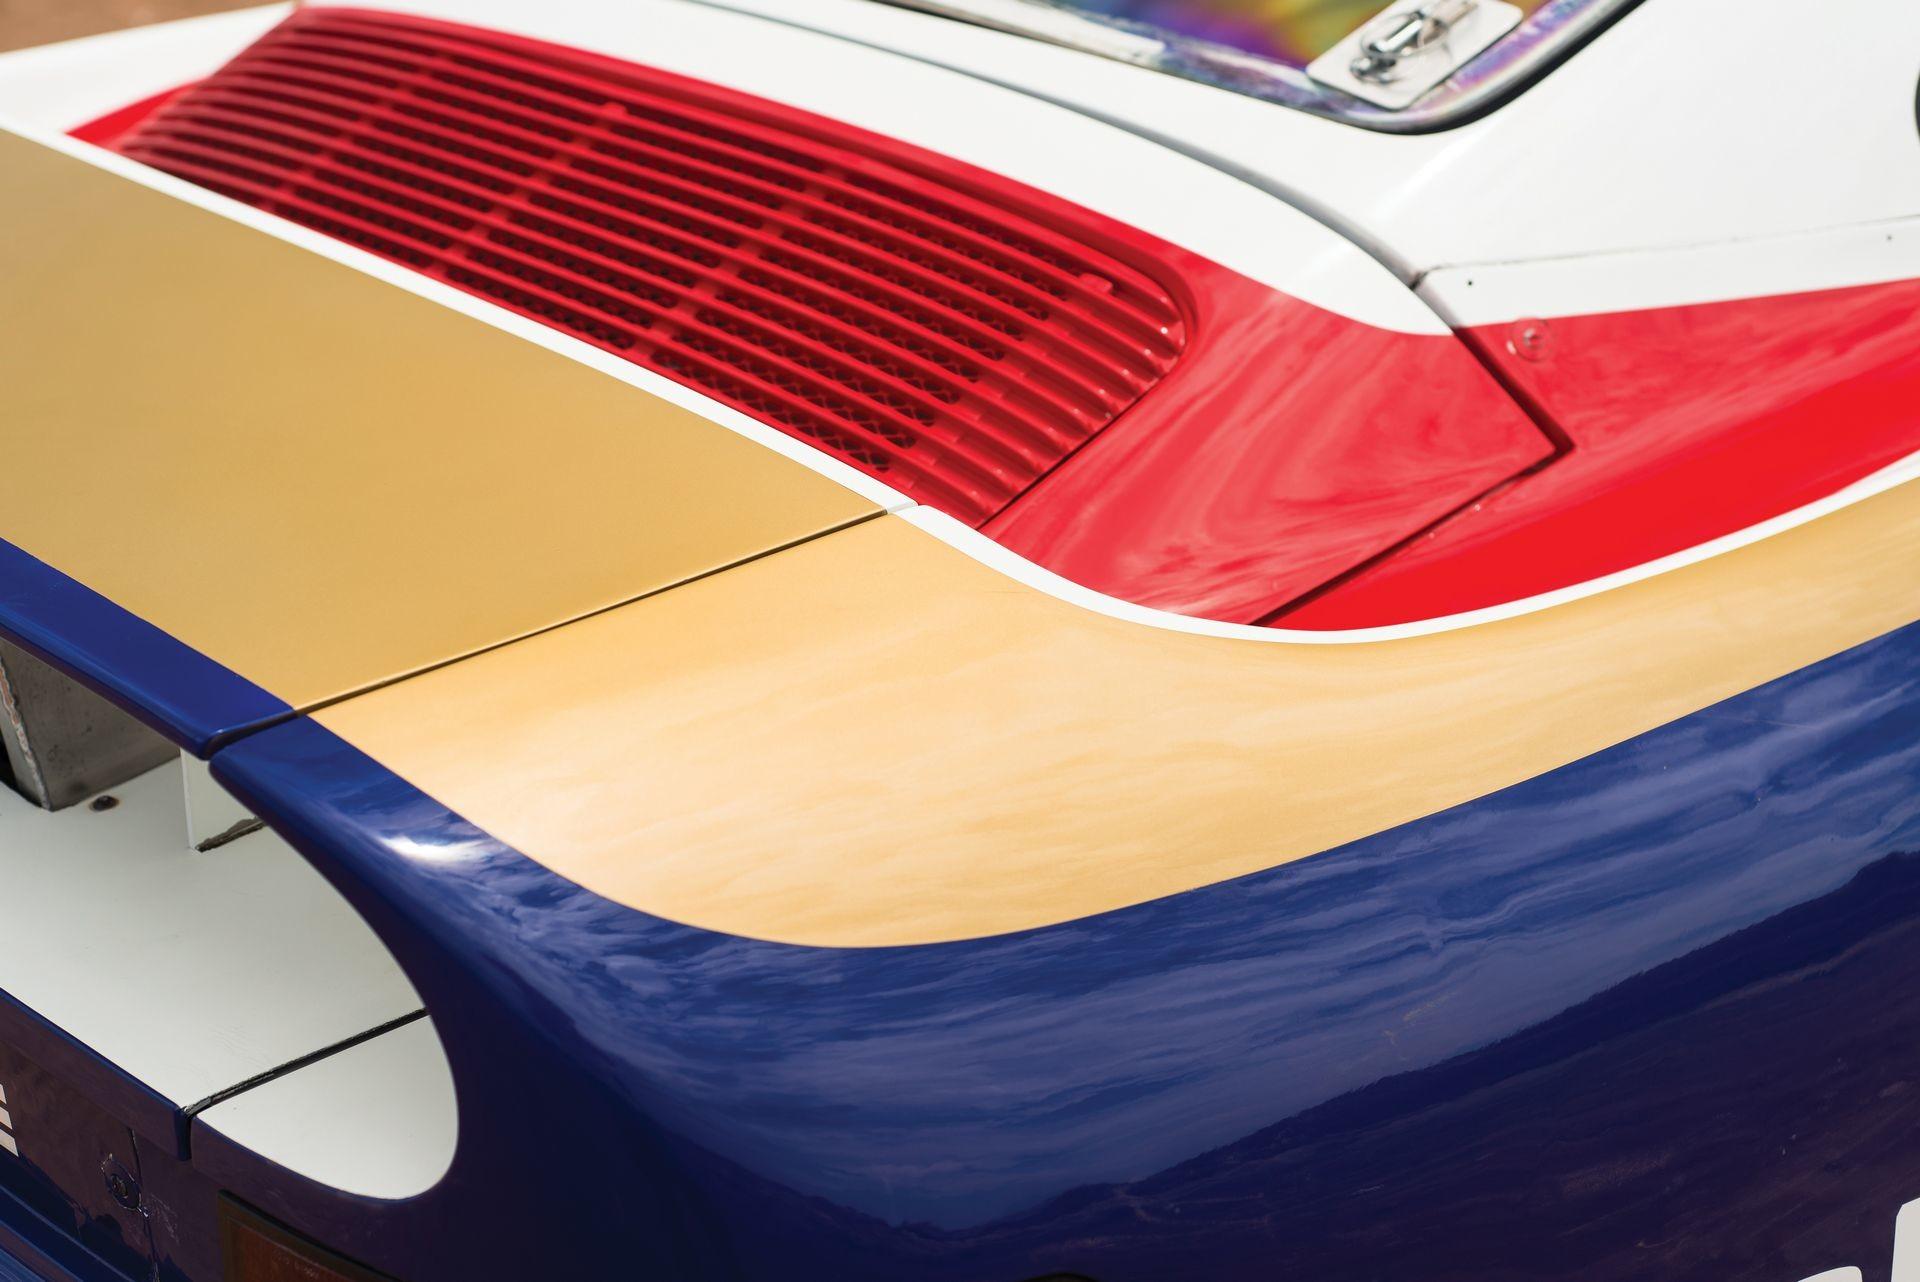 Foto de Porsche 959 Paris-Dakar (20/24)